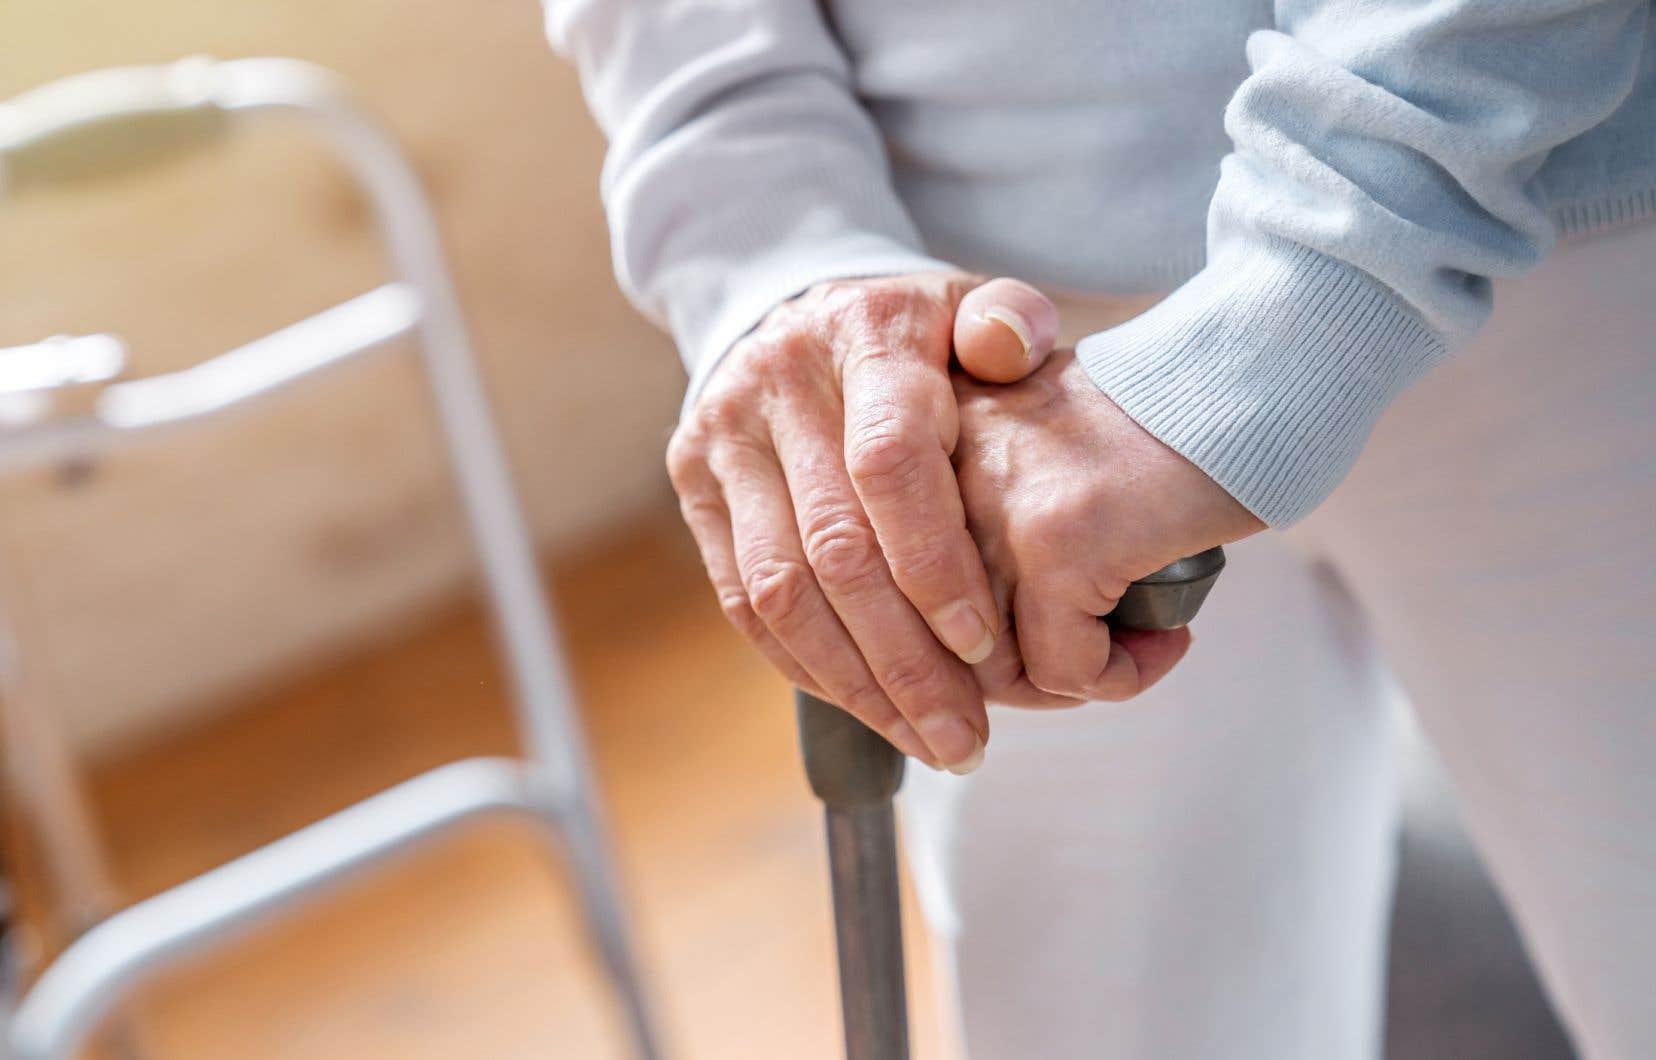 «Le meilleur système de maintien et de soins à domicile, tout comme en institution, doit être un service public offert sans discrimination économique», insiste l'auteur.